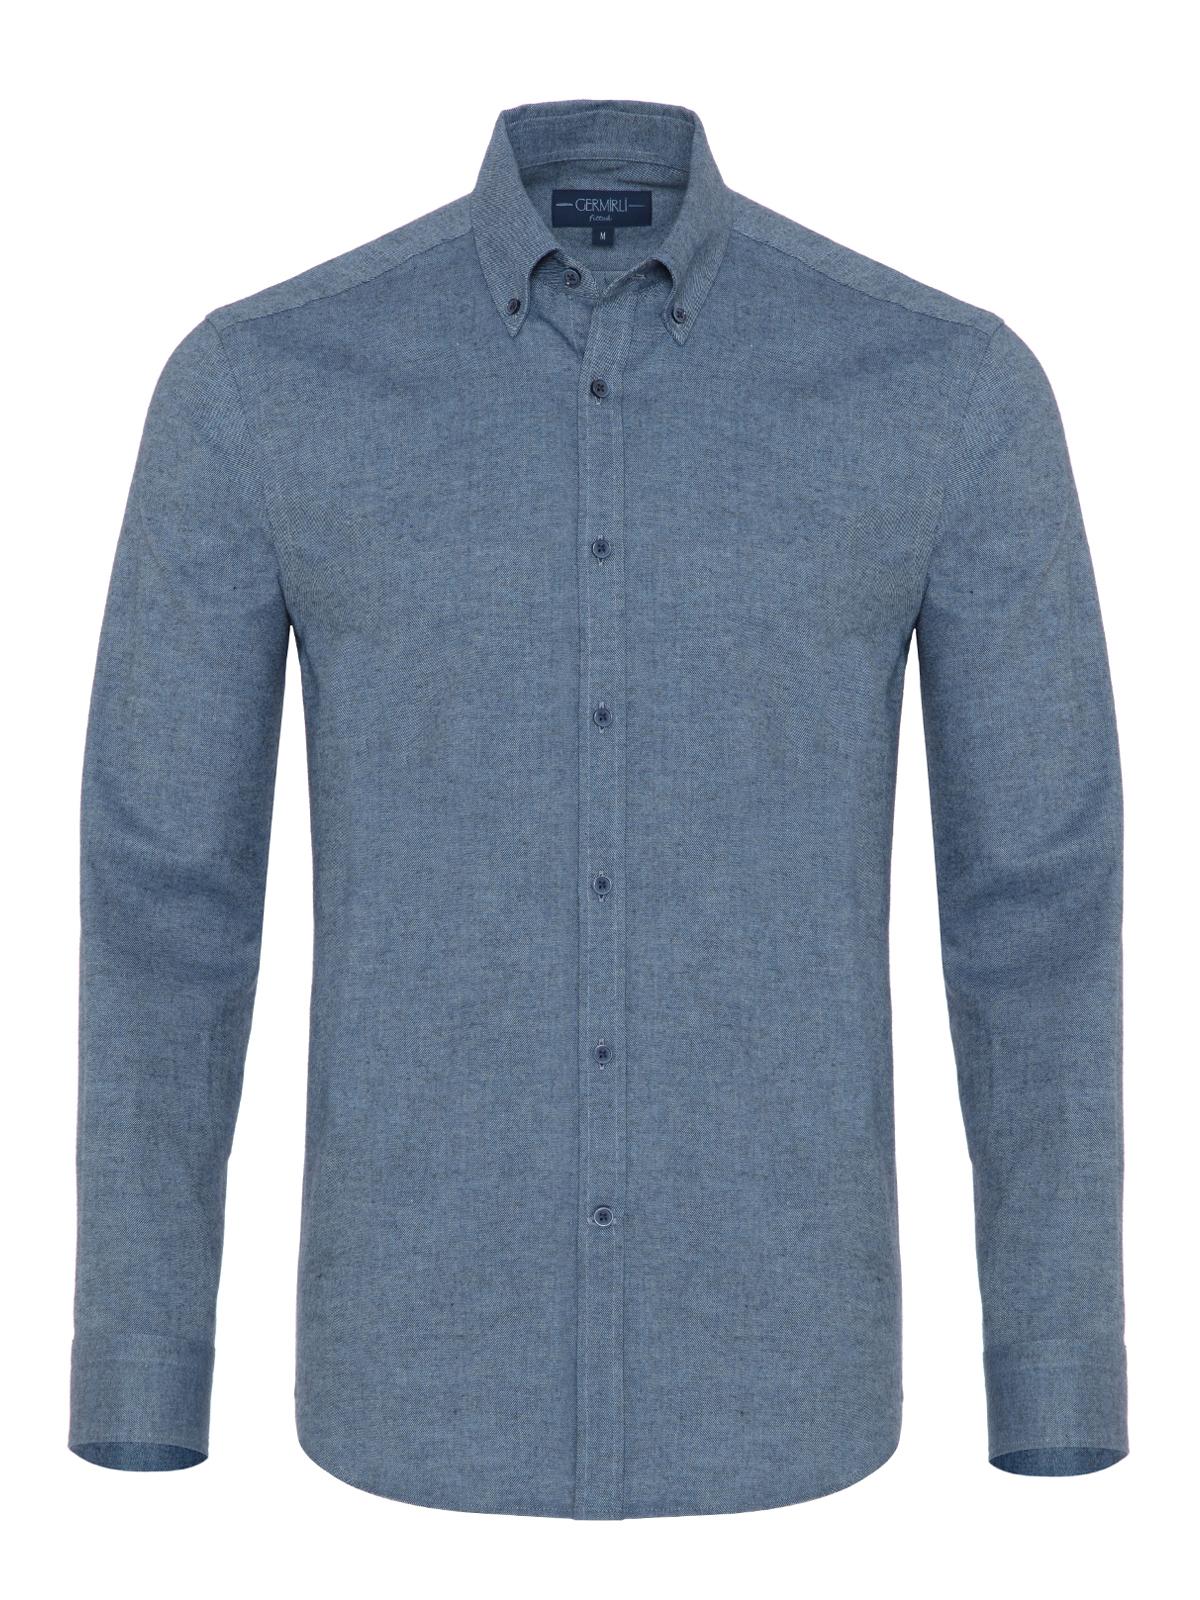 Germirli - Germirli Mavi Flanel Düğmeli Yaka Tailor Fit Gömlek